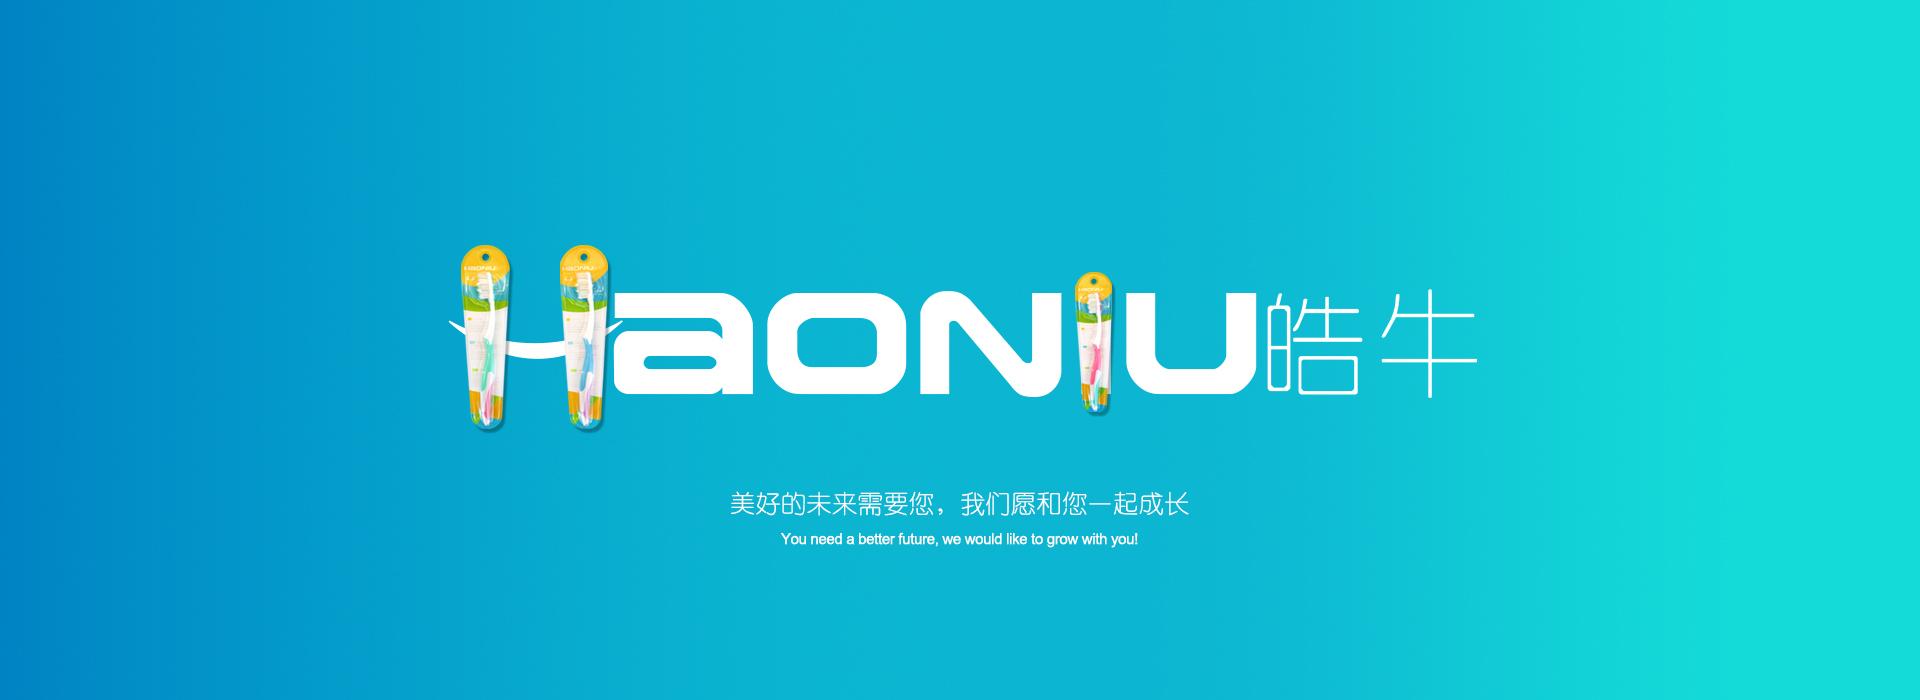 扬州牙刷厂家批发 haoniu皓牛新品硅胶纳米双支套装HT-404批发示例图1